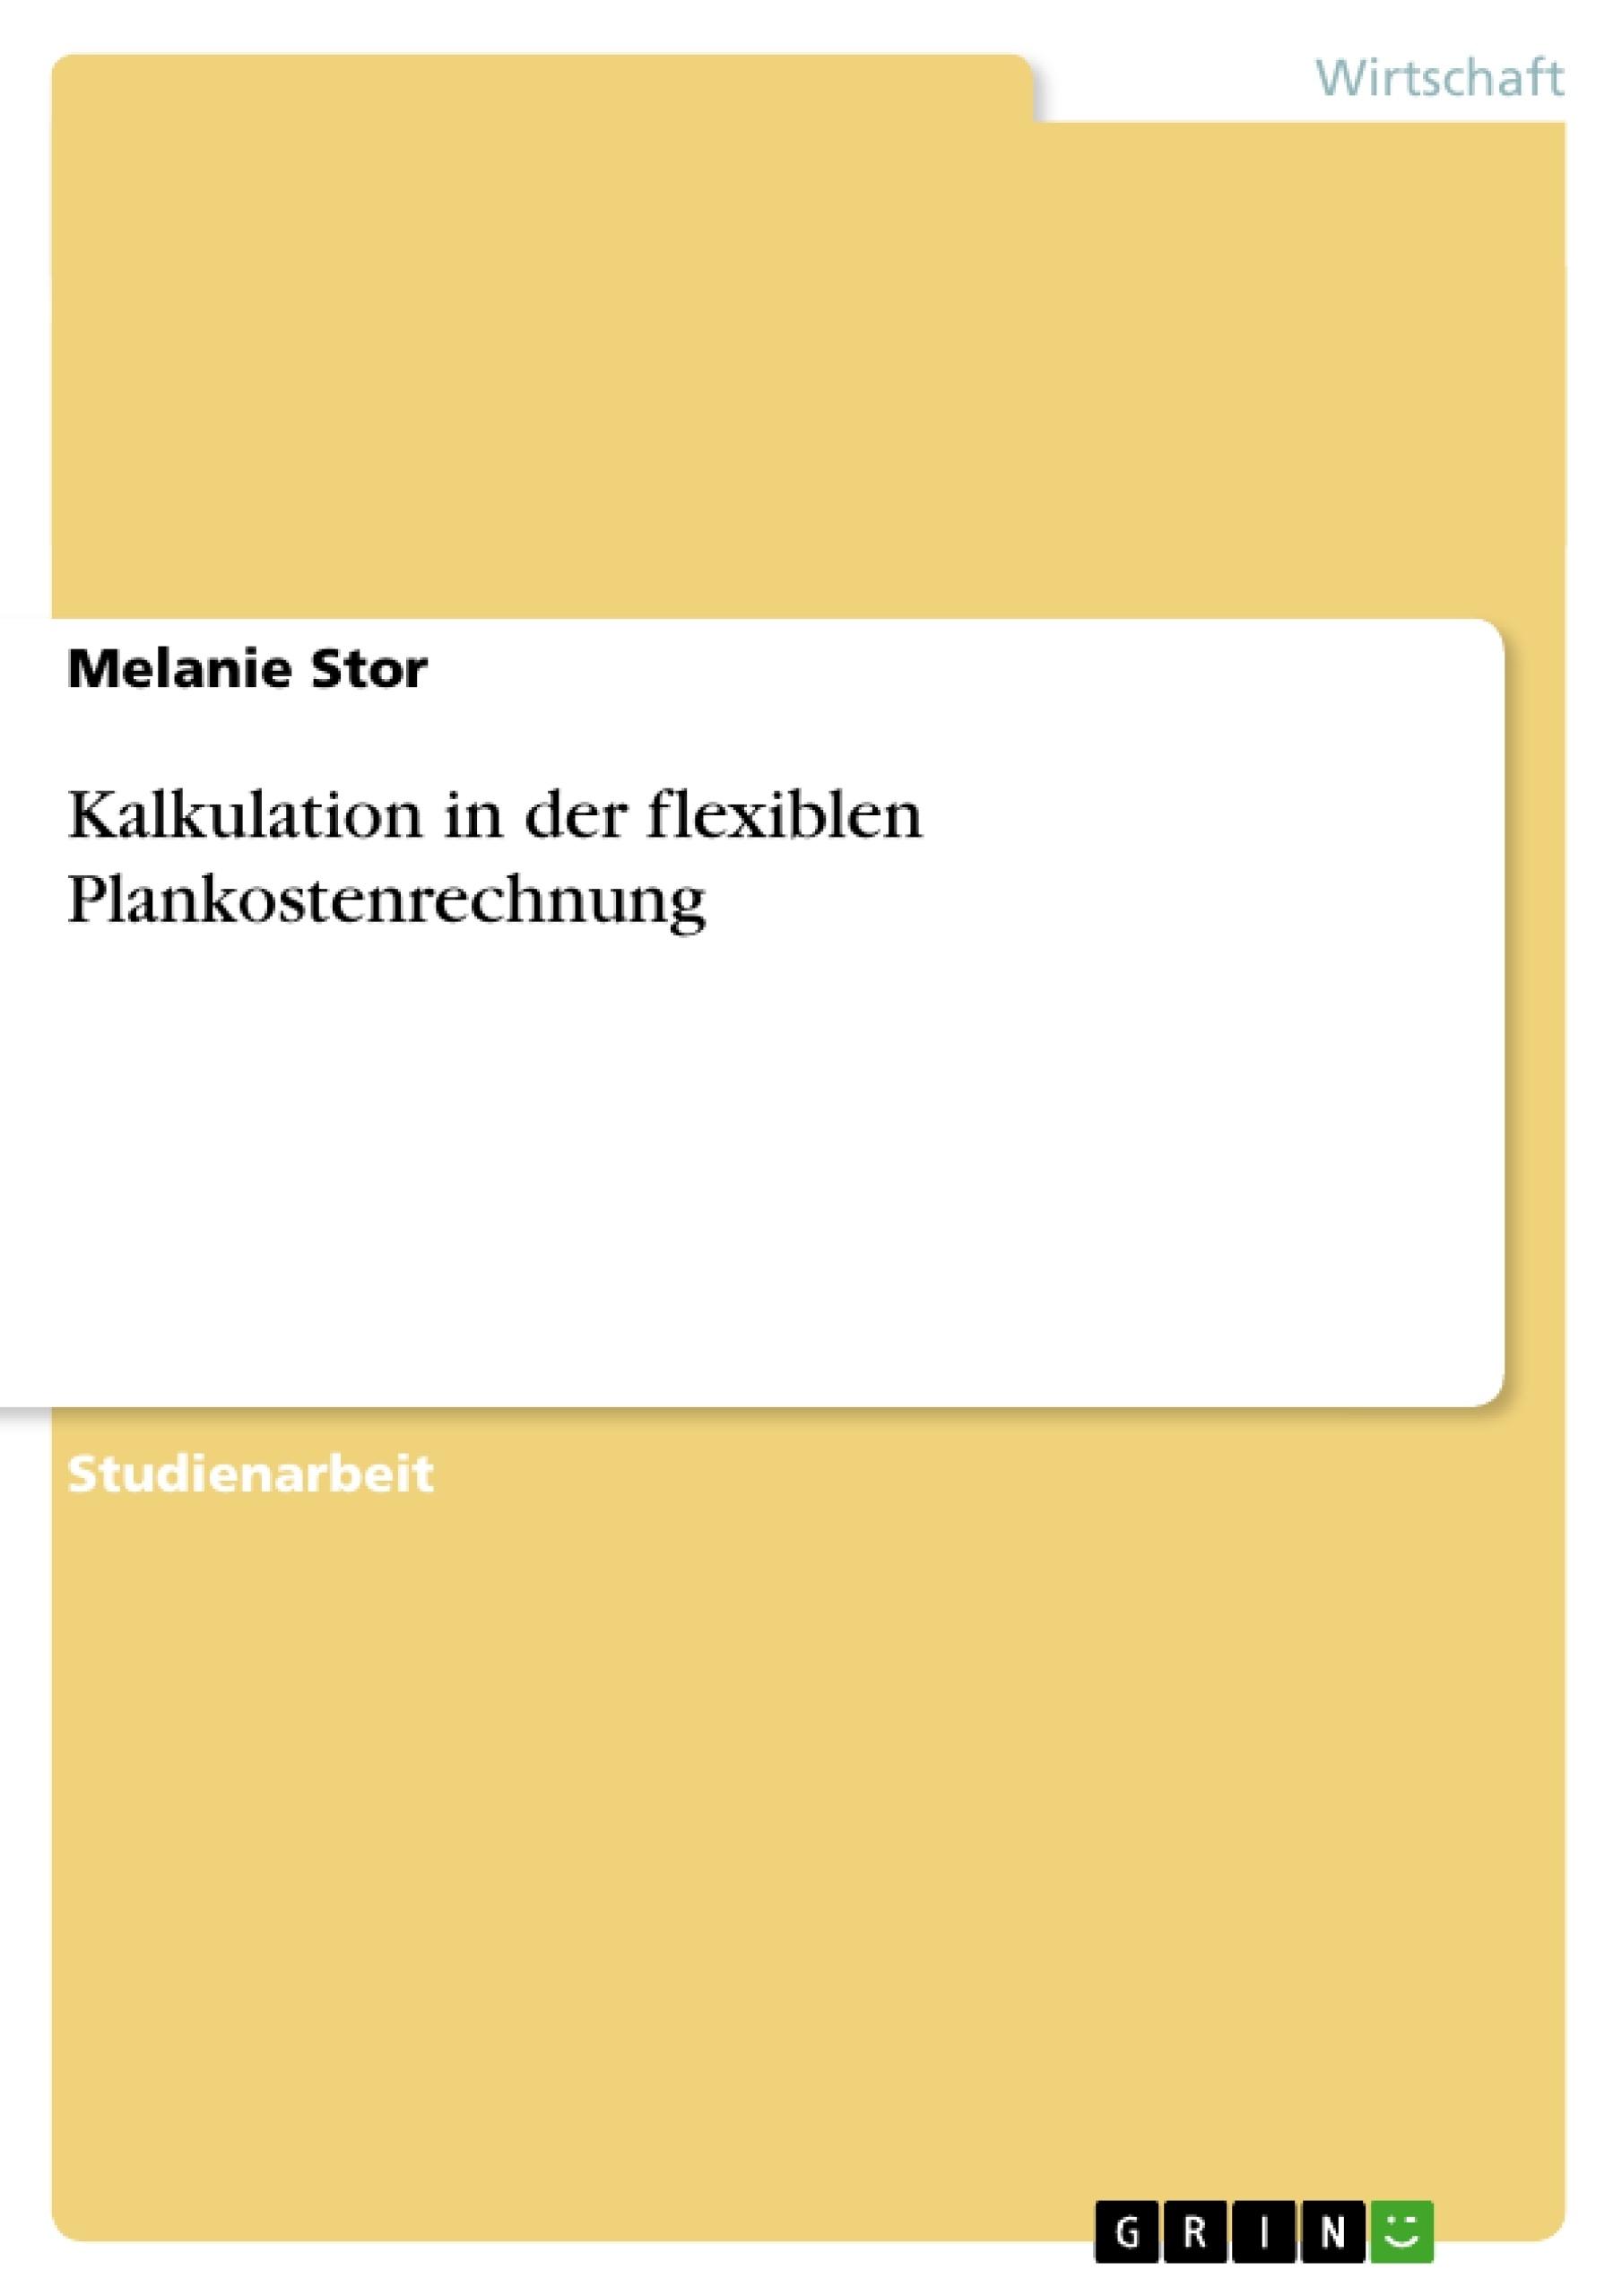 Titel: Kalkulation in der flexiblen Plankostenrechnung